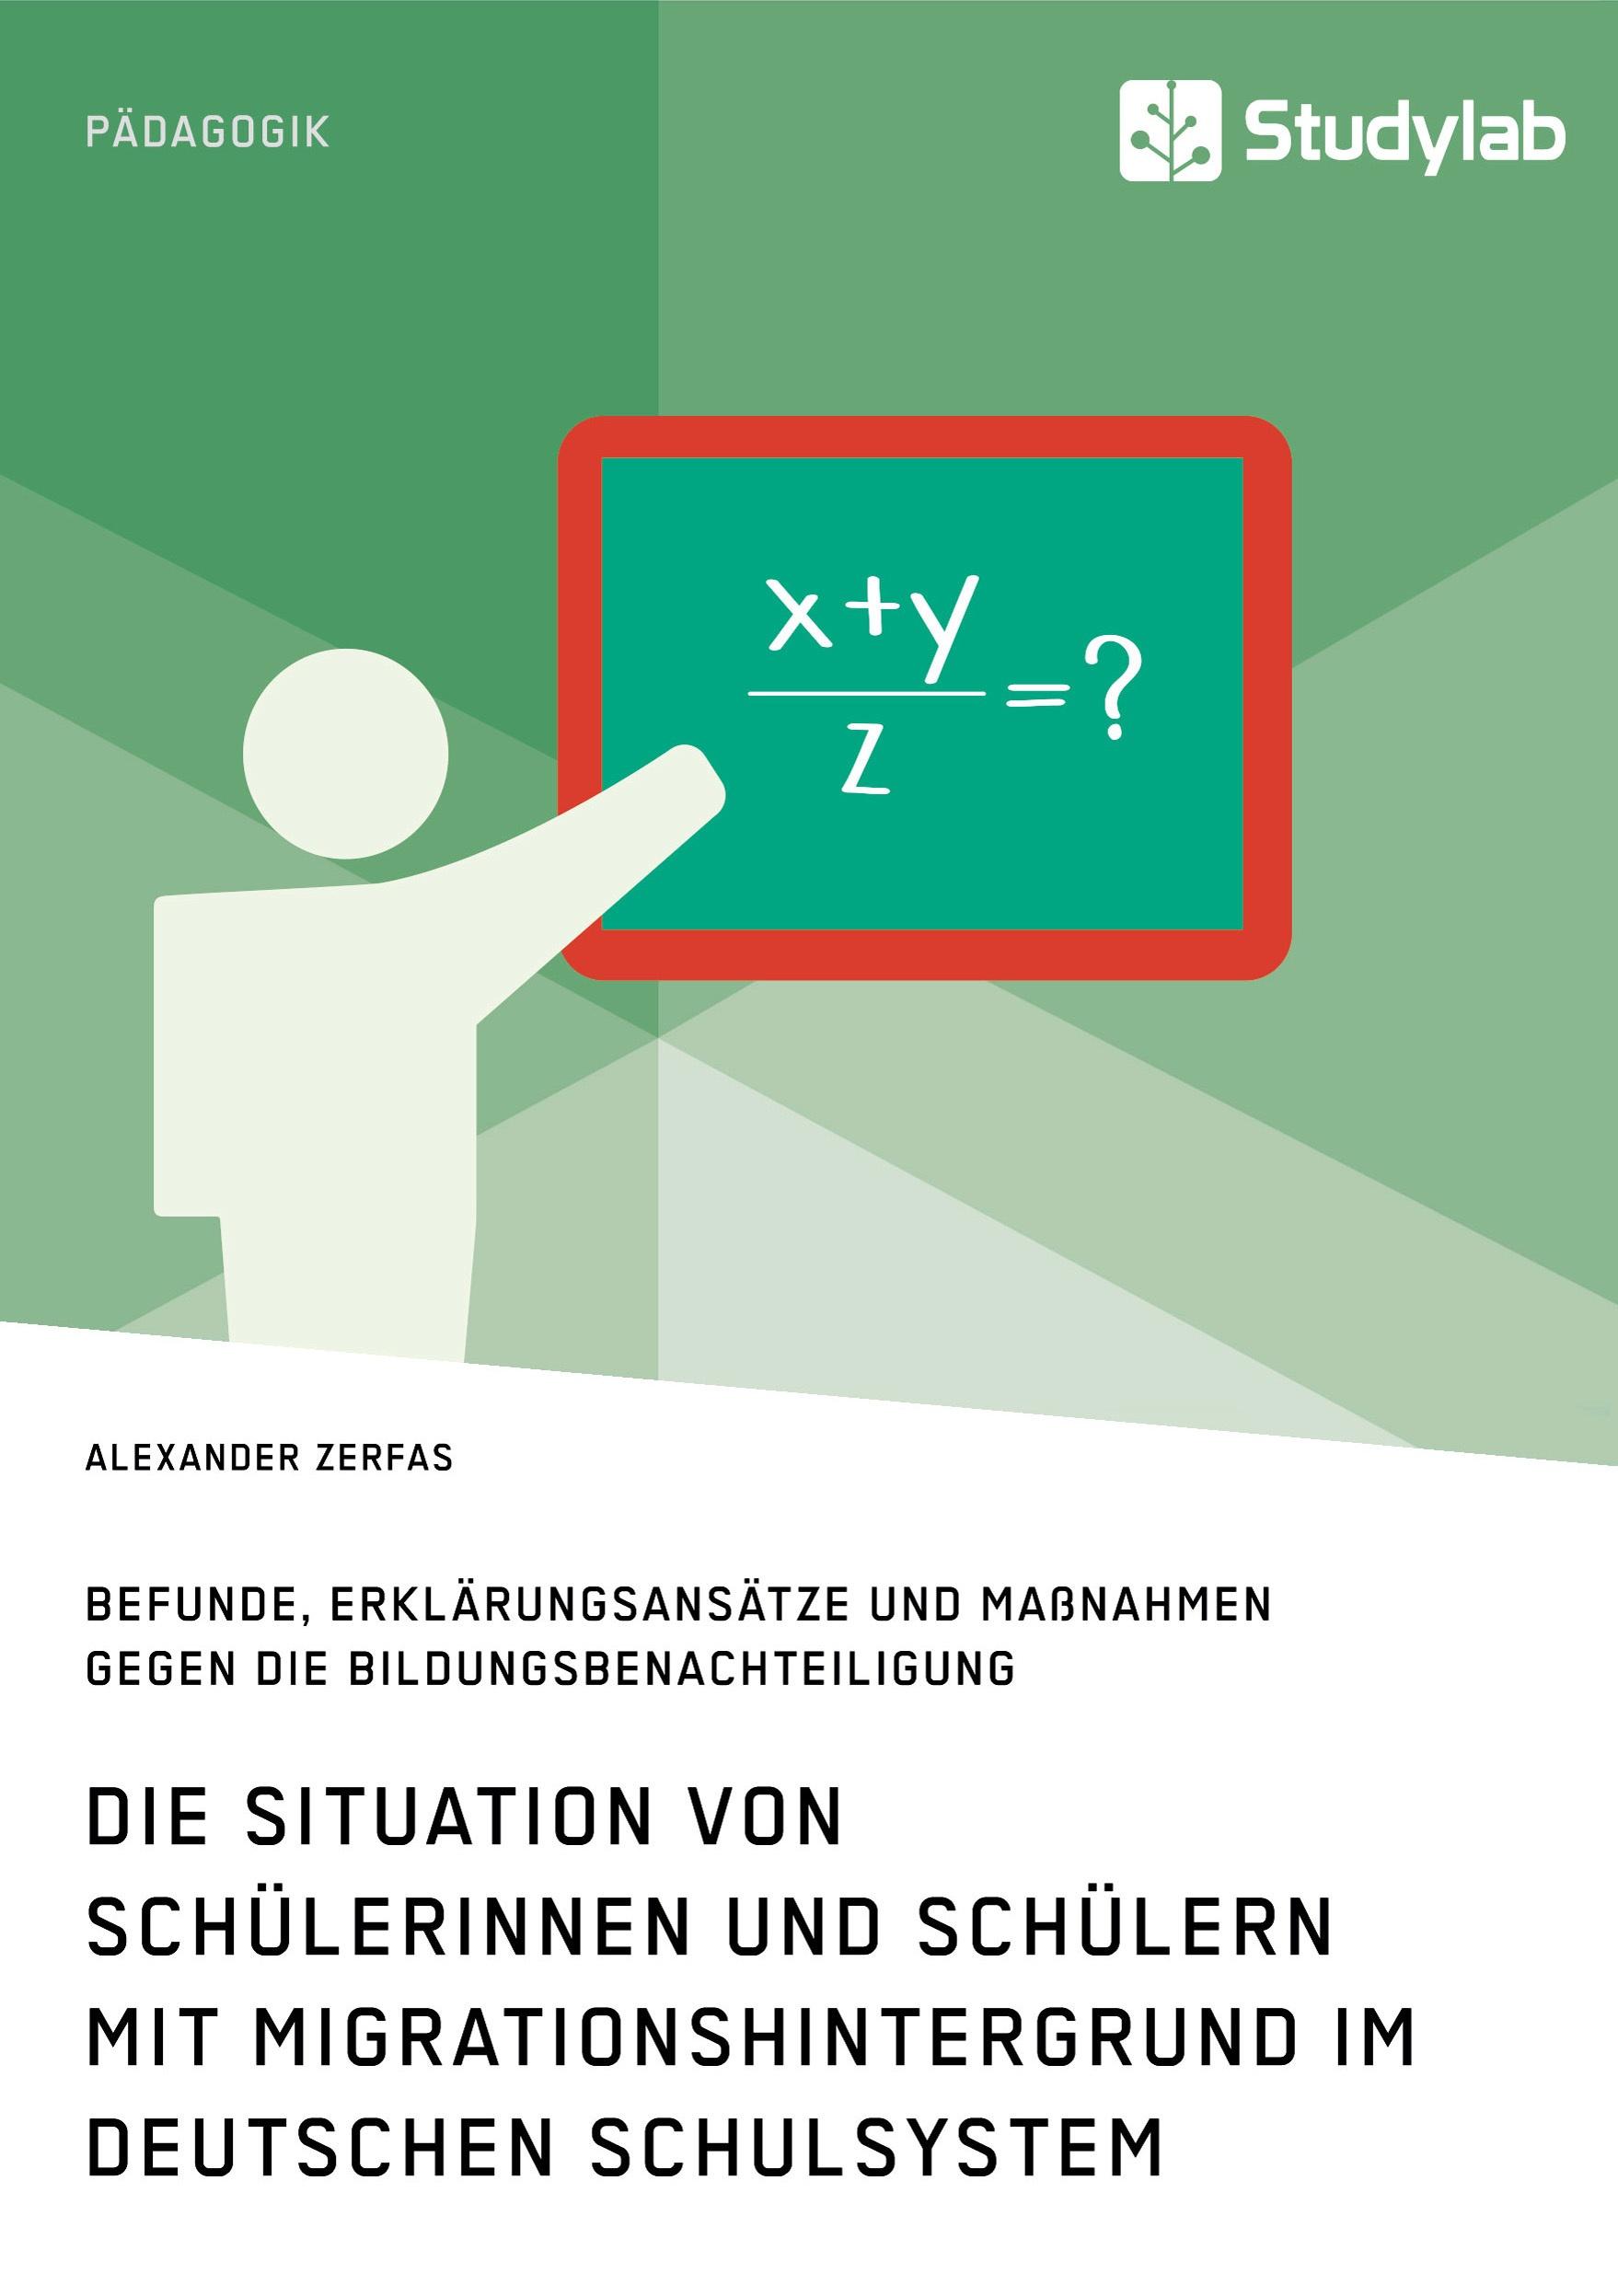 Titel: Die Situation von Schülerinnen und Schülern mit Migrationshintergrund im deutschen Schulsystem